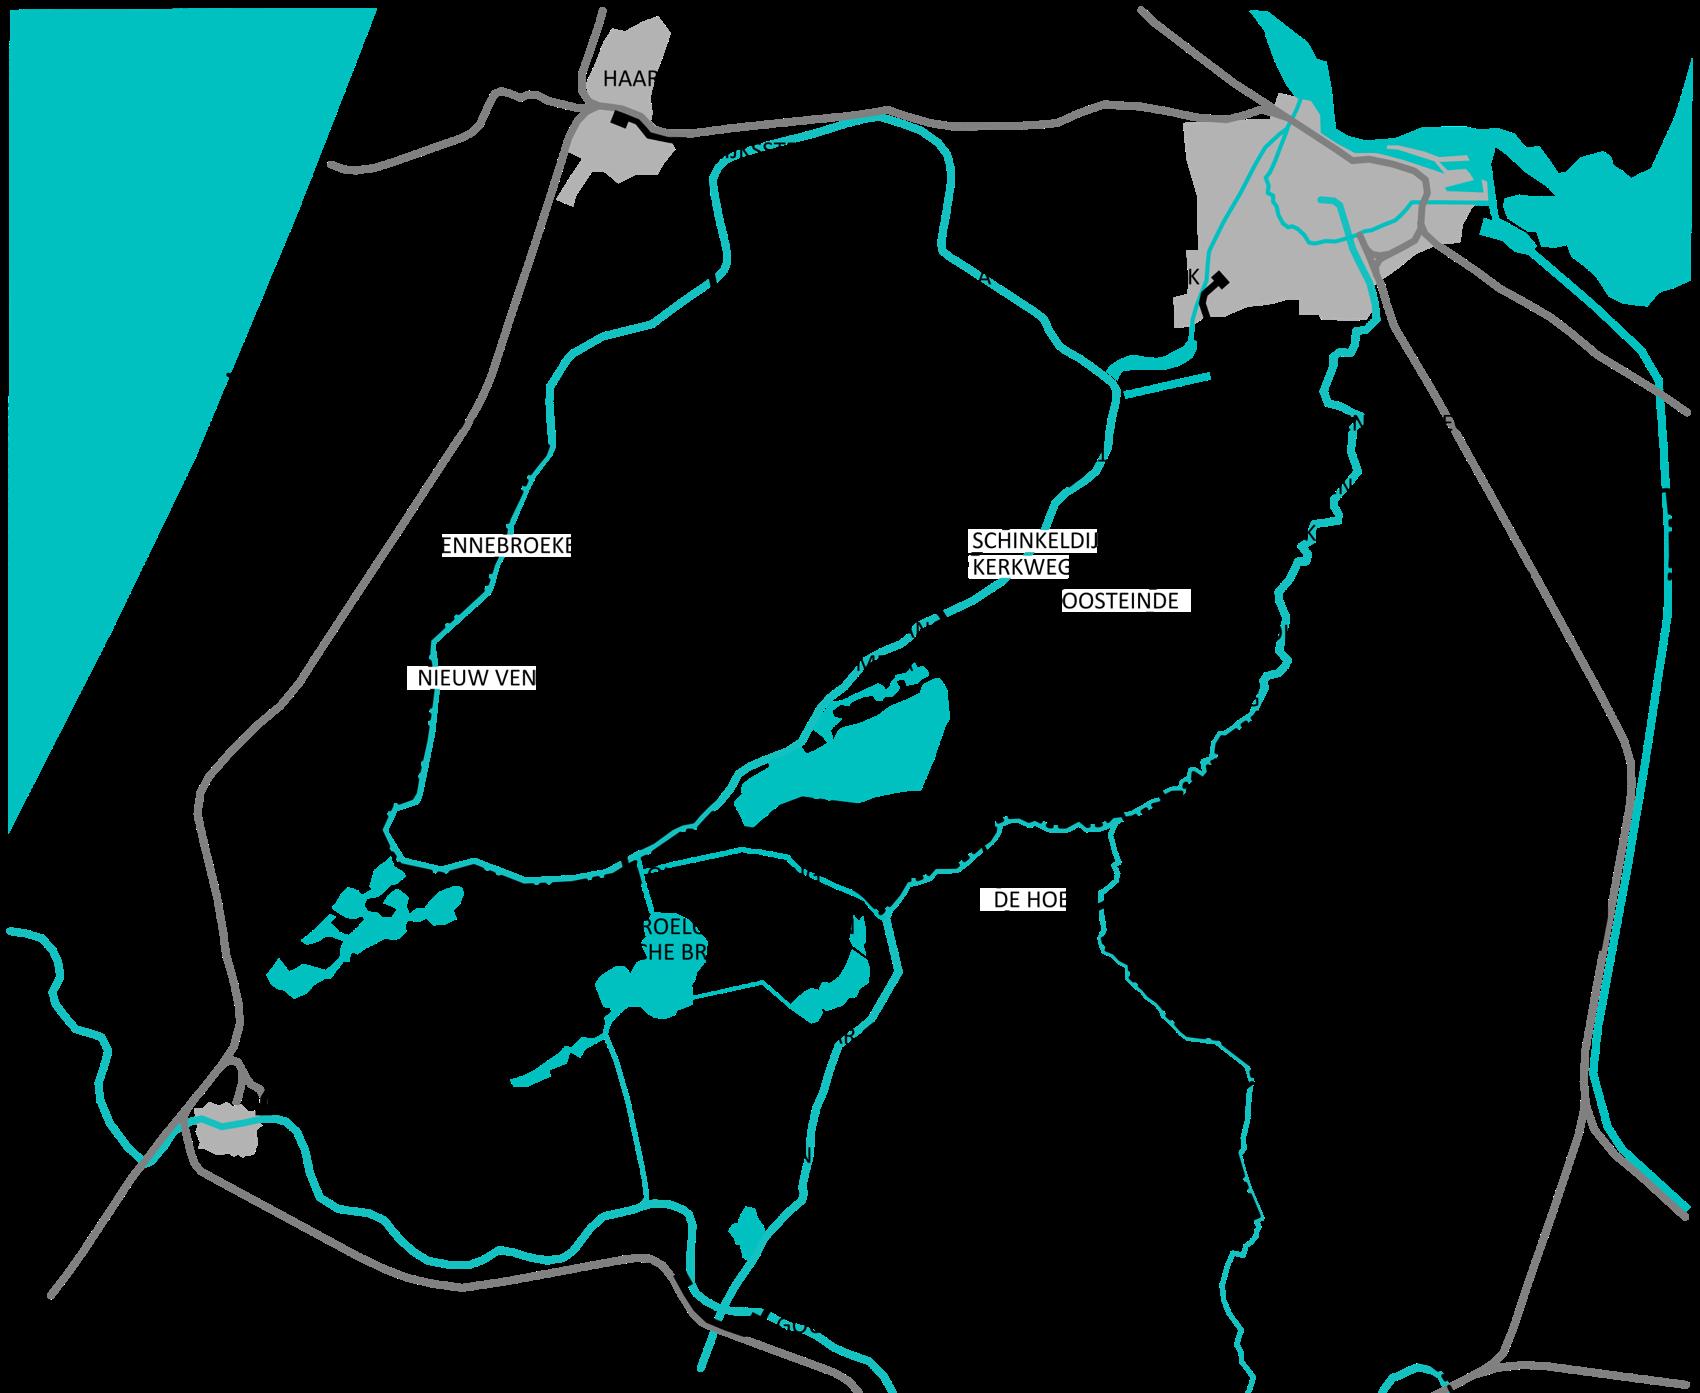 Haarlemmermeerspoorlijnen